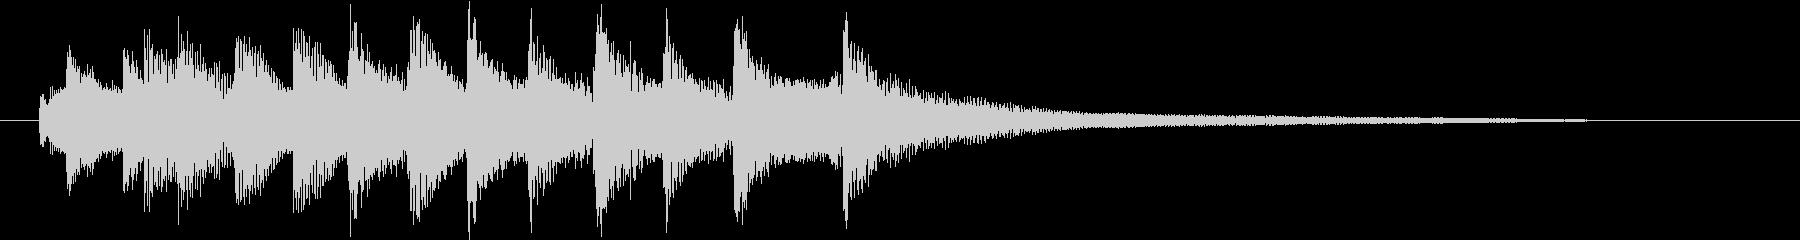 ロゴ、ジングル お洒落シンプルピアノ の未再生の波形